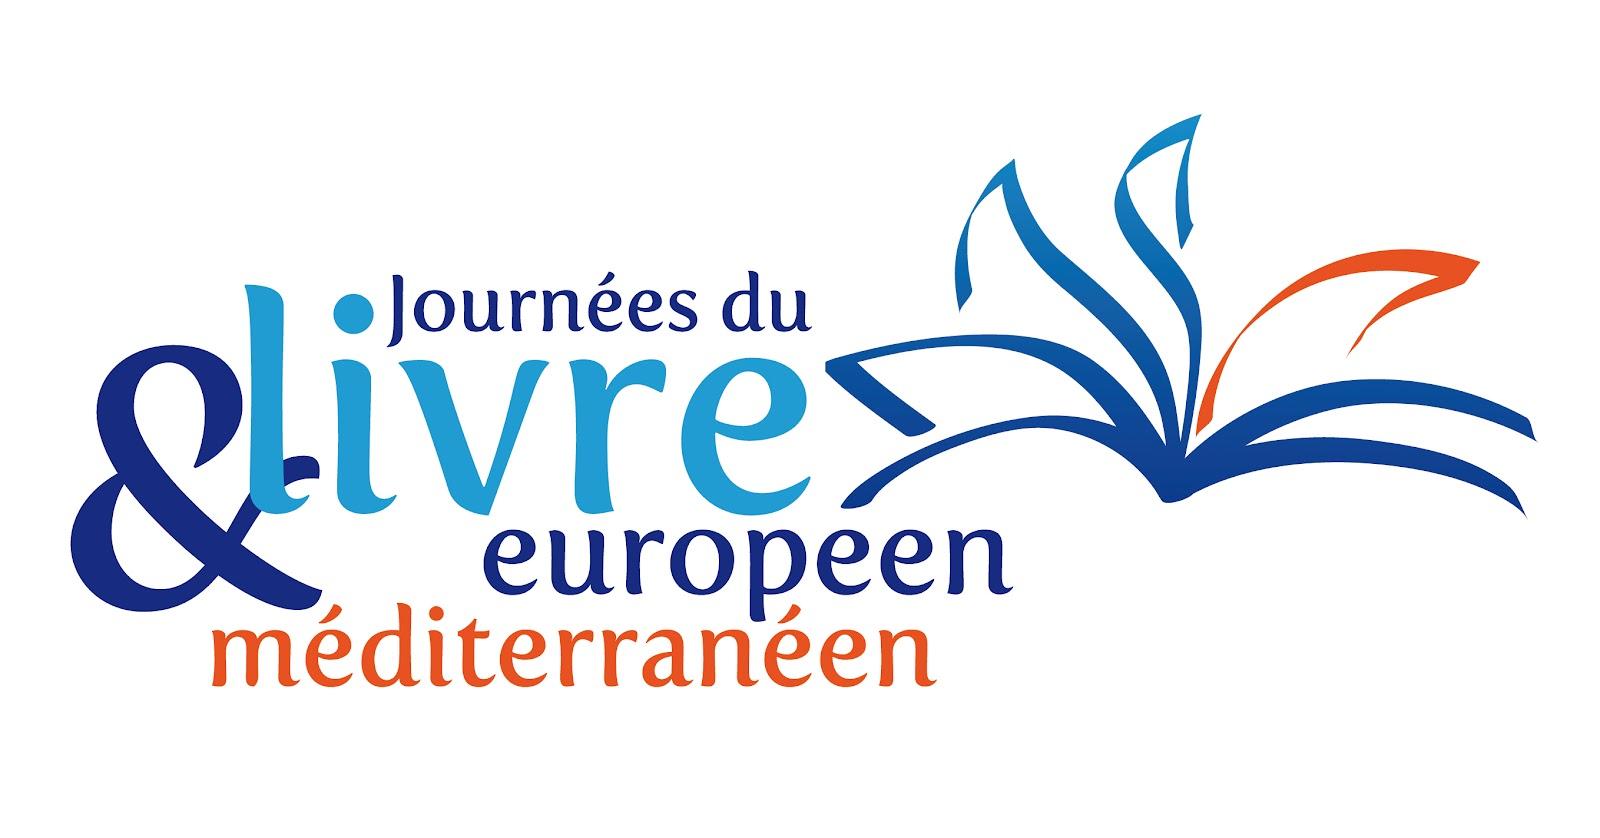 logo-JOURNEE du Livre-cmjn_1.jpg